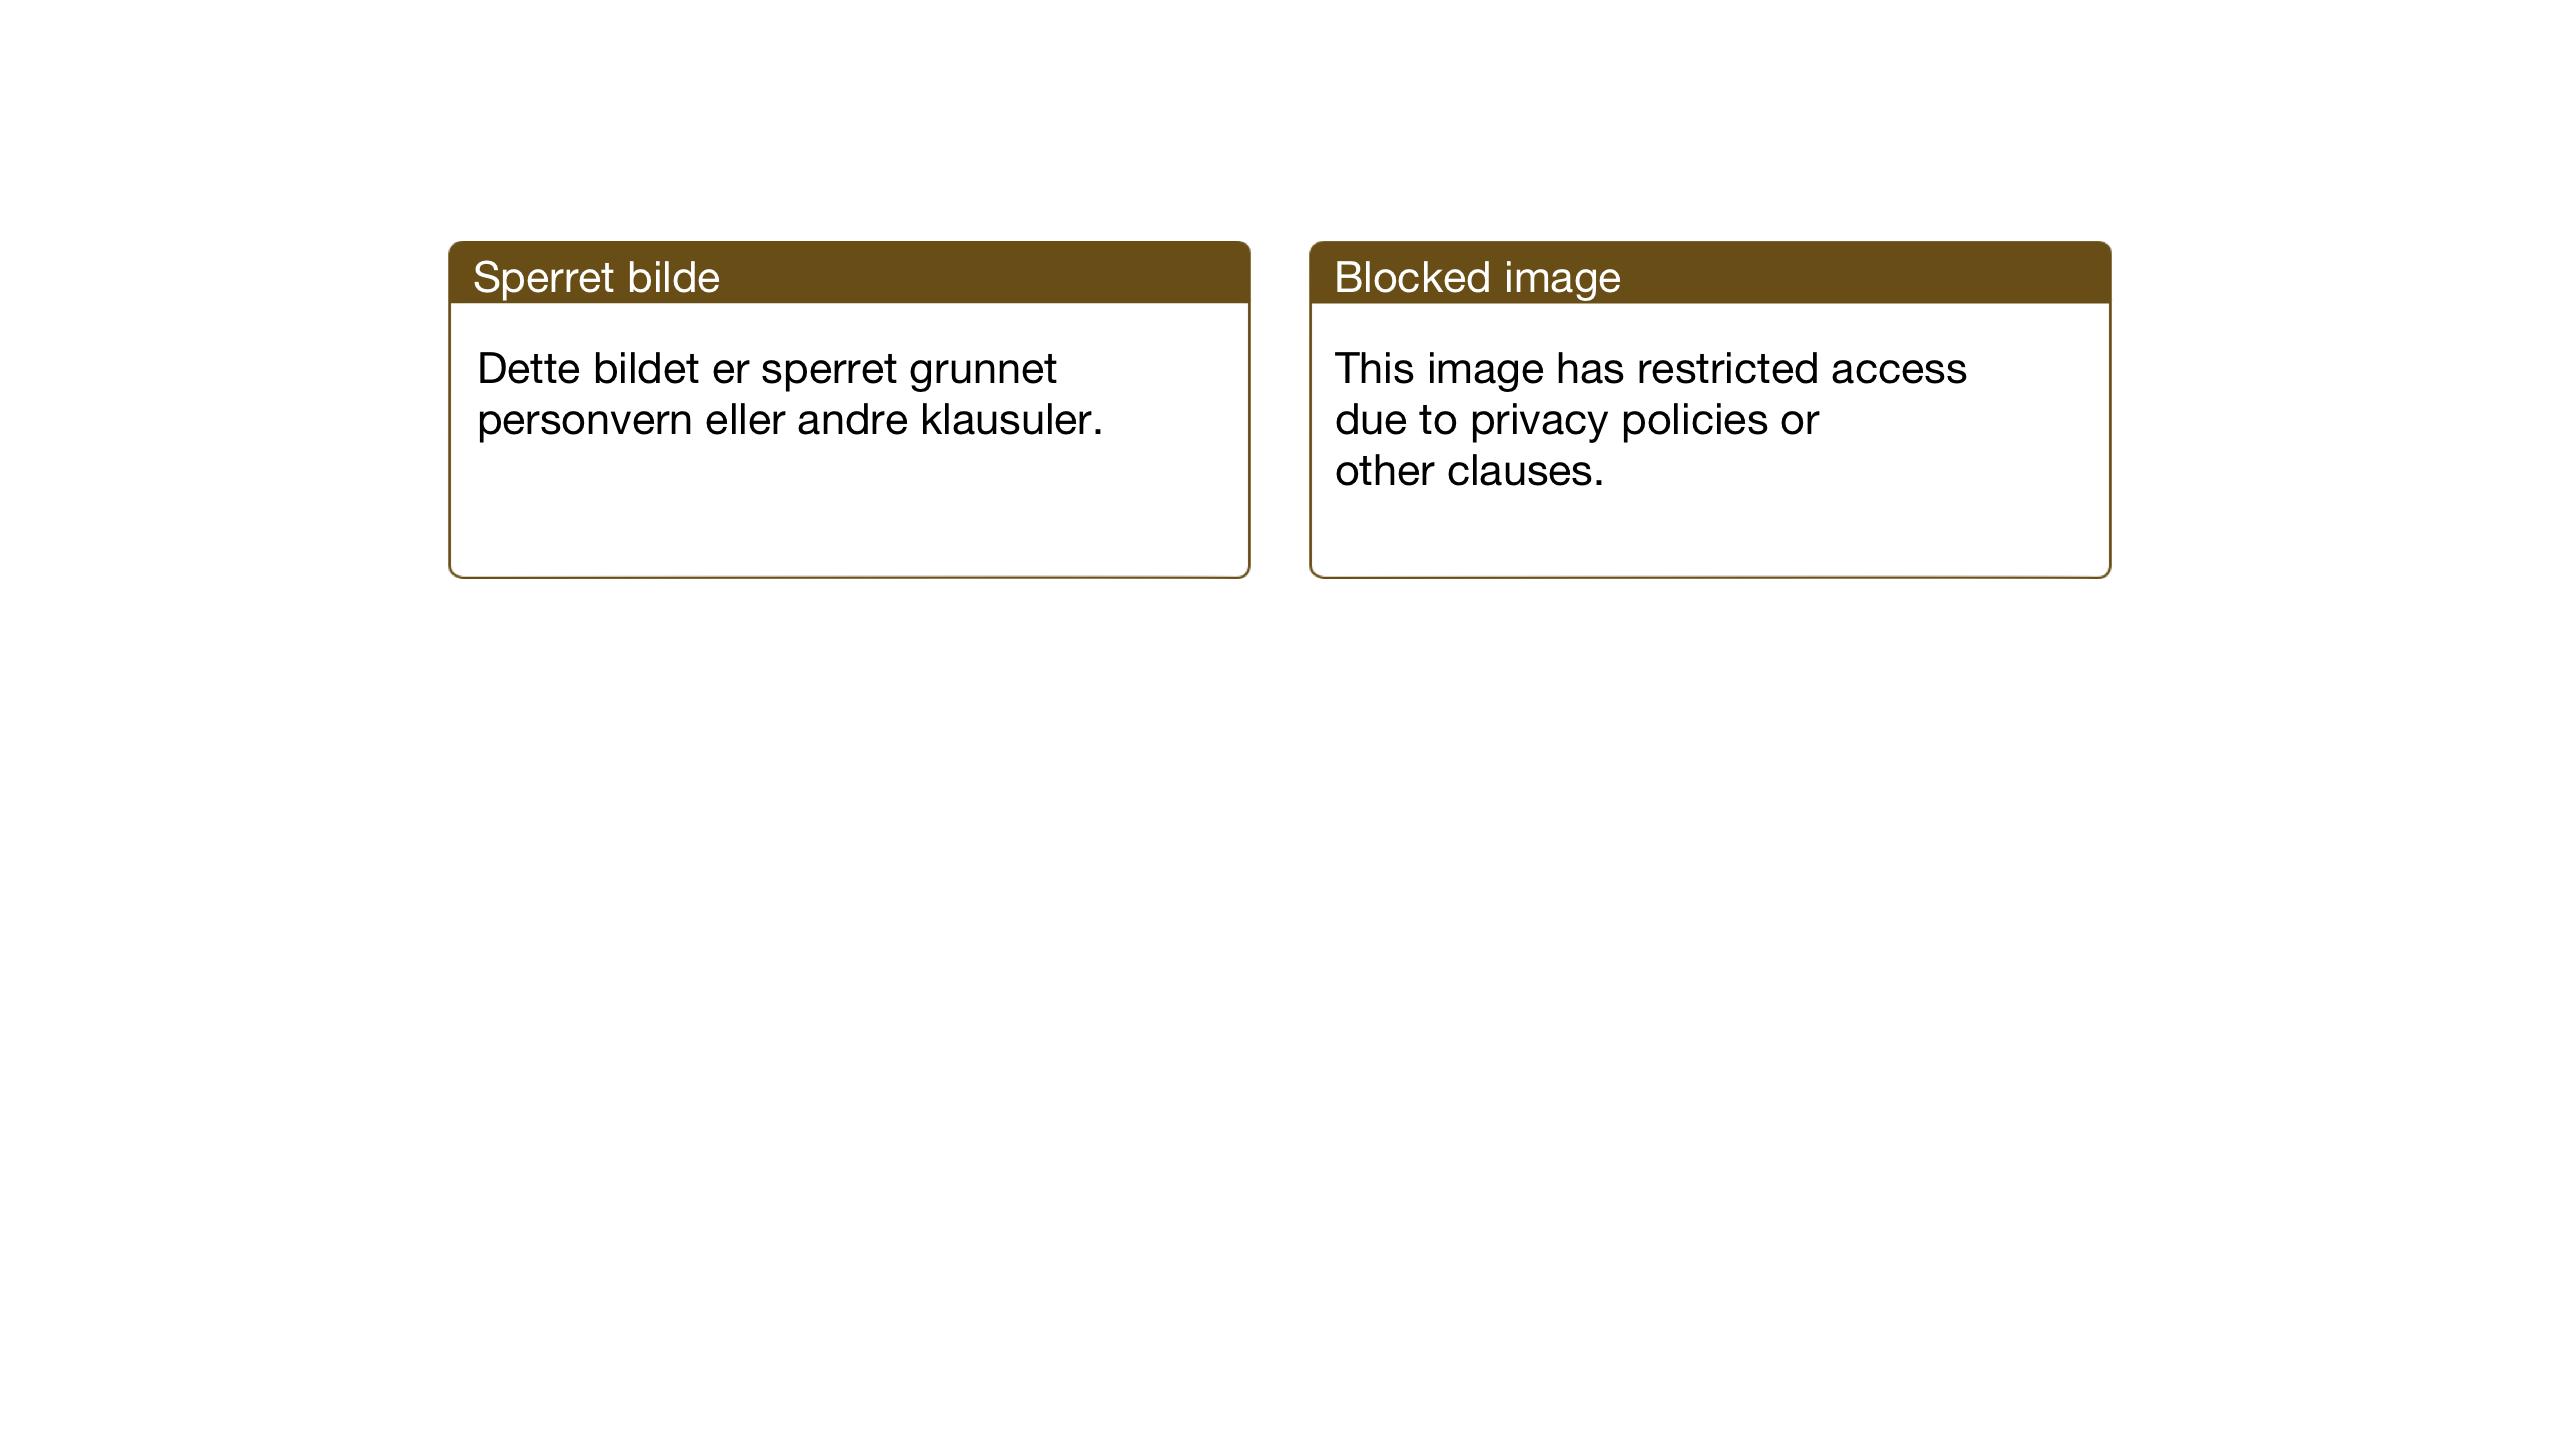 SAT, Ministerialprotokoller, klokkerbøker og fødselsregistre - Sør-Trøndelag, 637/L0564: Klokkerbok nr. 637C05, 1928-1968, s. 219